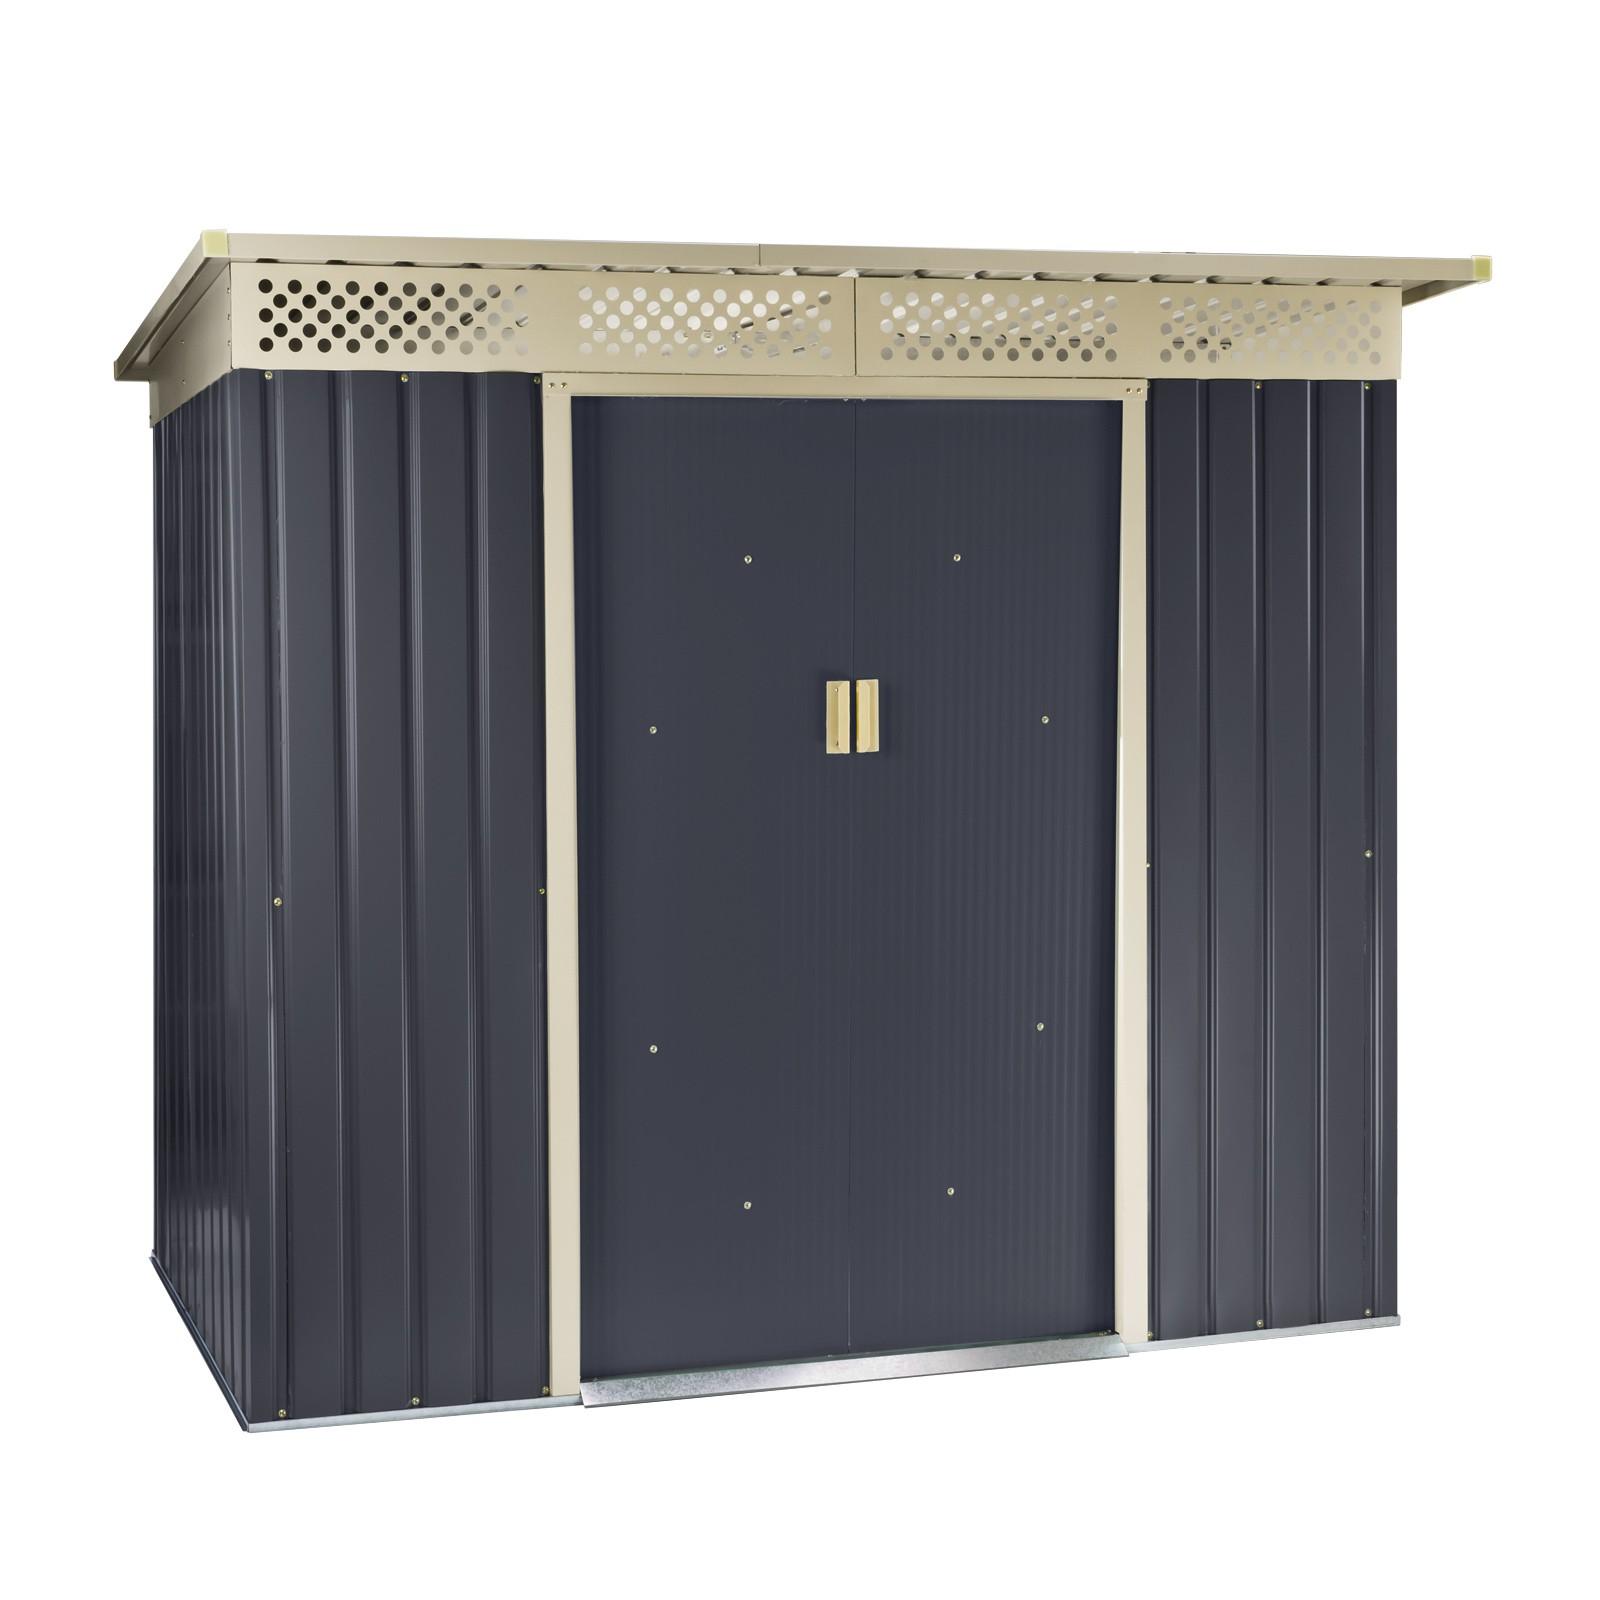 metall ger tehaus bristol anthrazit ger teschuppen gartenhaus pultdach neu 47082 ebay. Black Bedroom Furniture Sets. Home Design Ideas